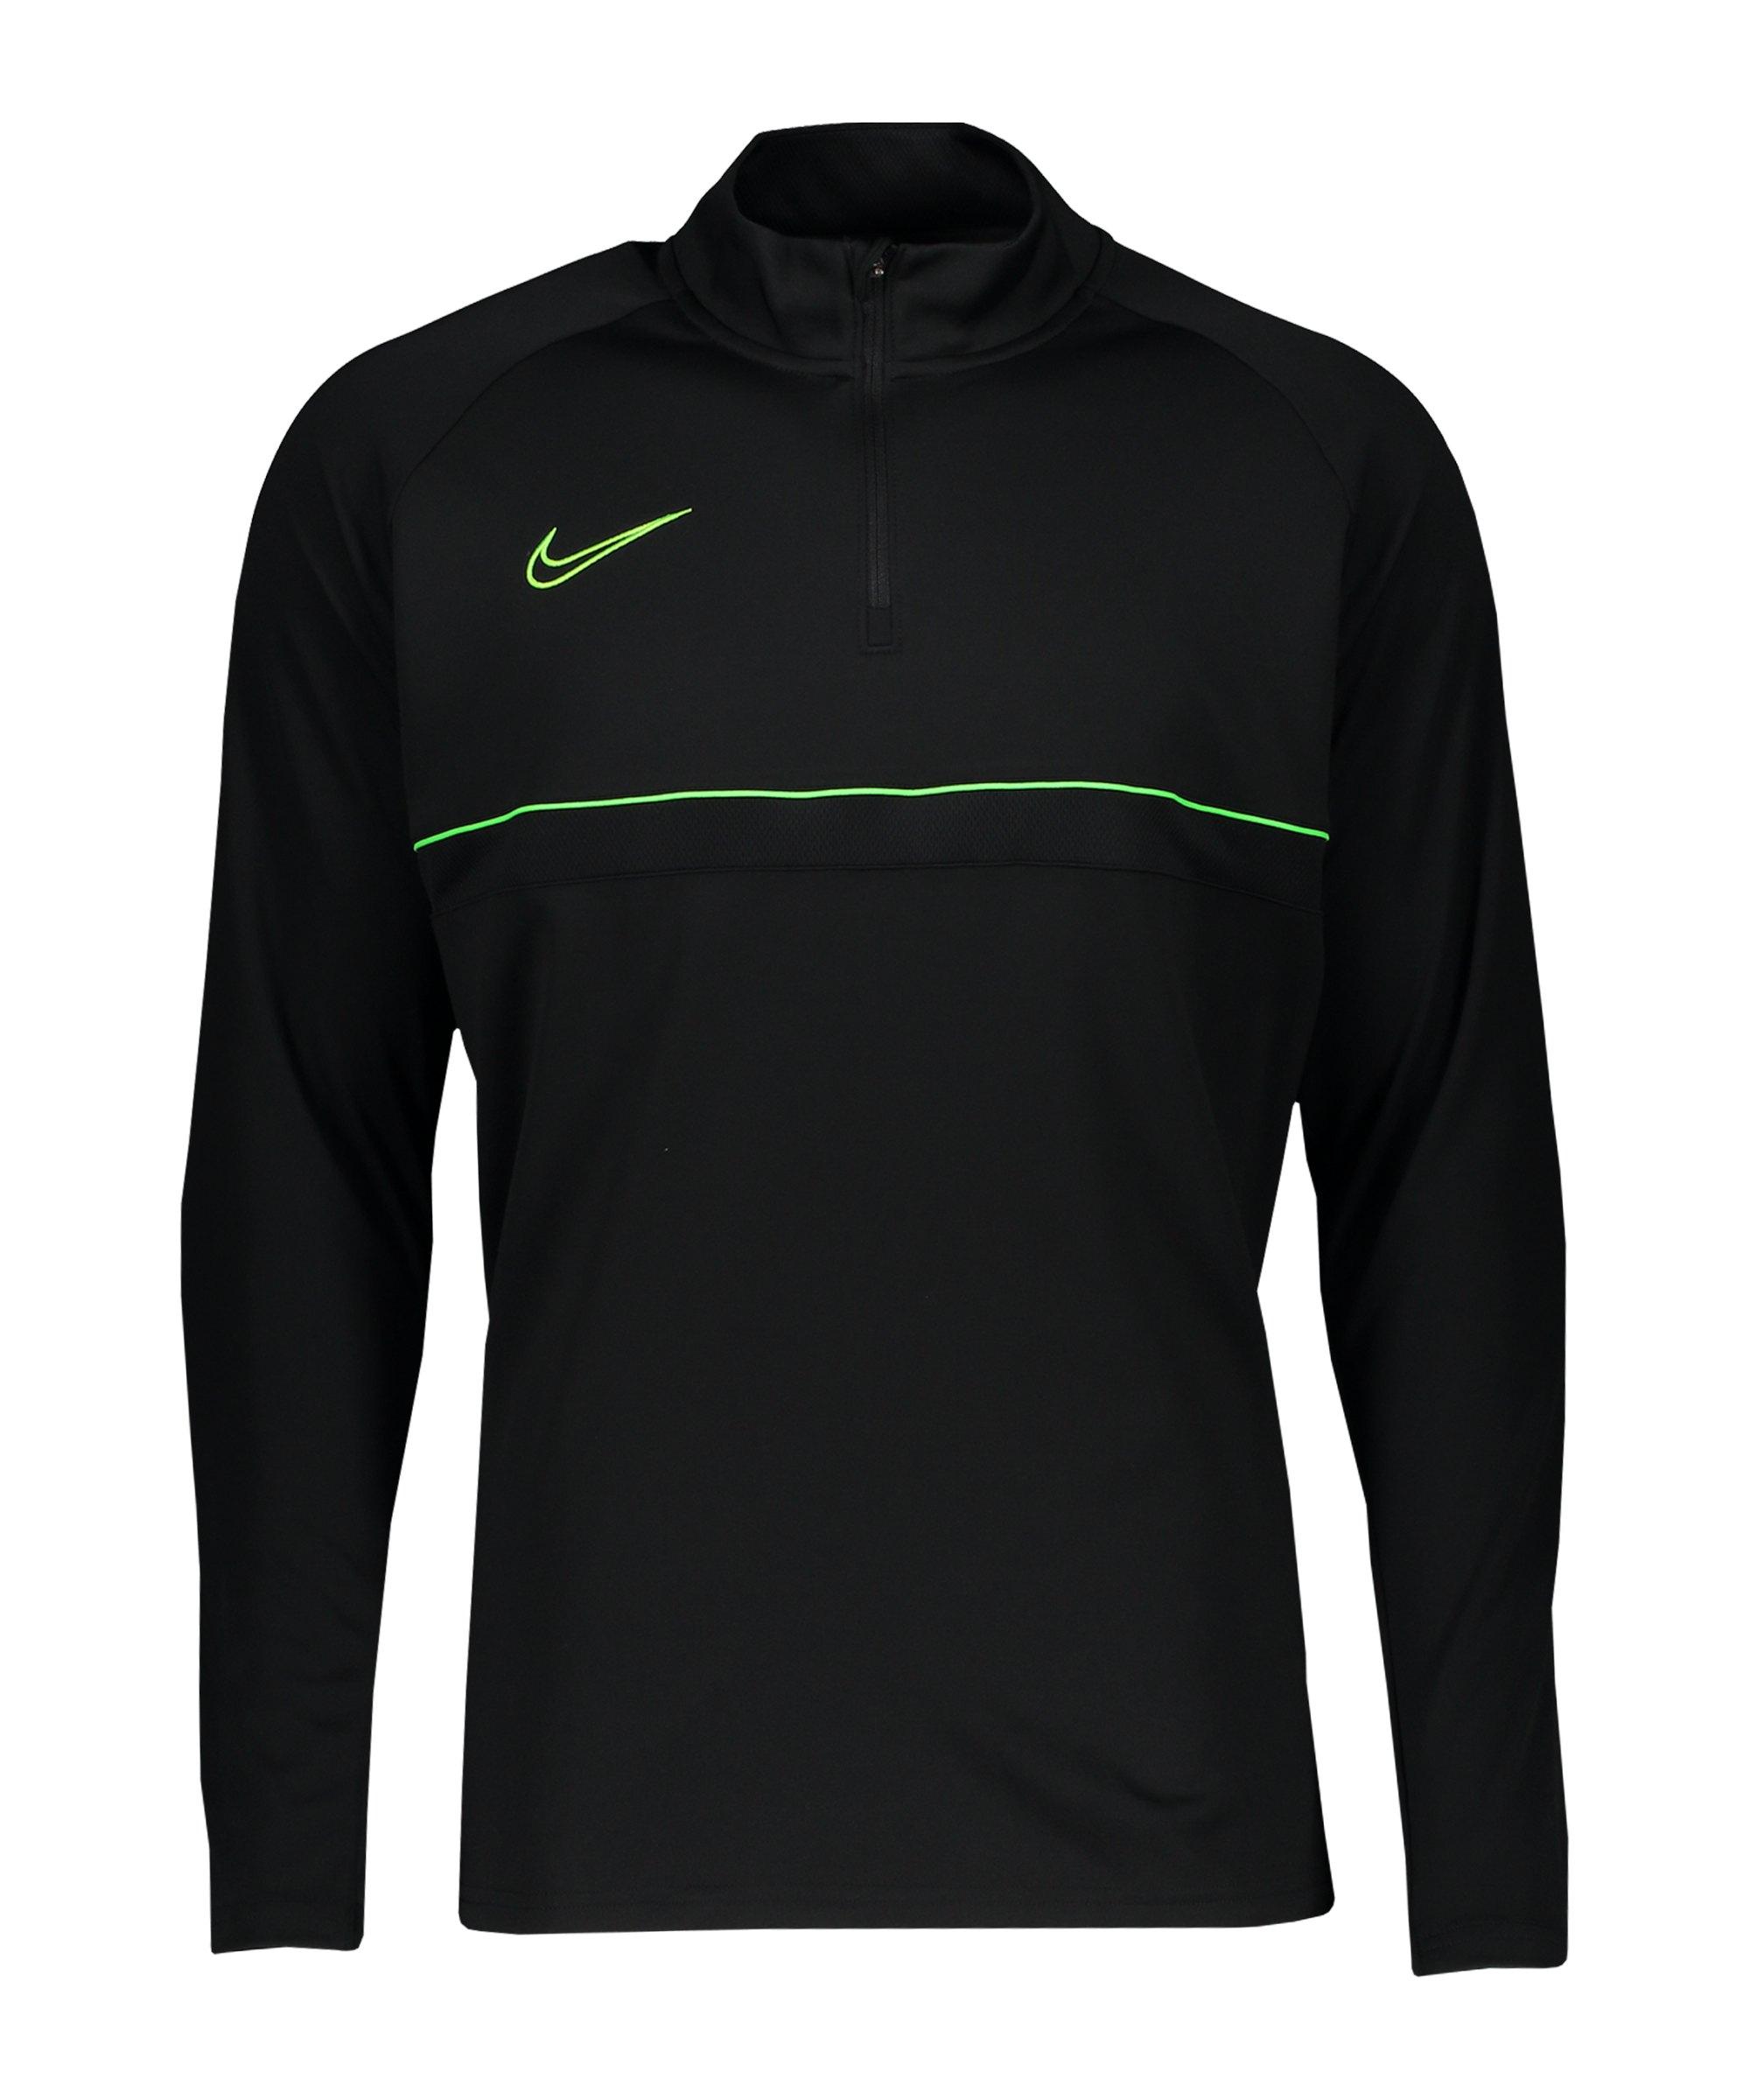 Nike Academy 21 Drill Top Schwarz F015 - schwarz